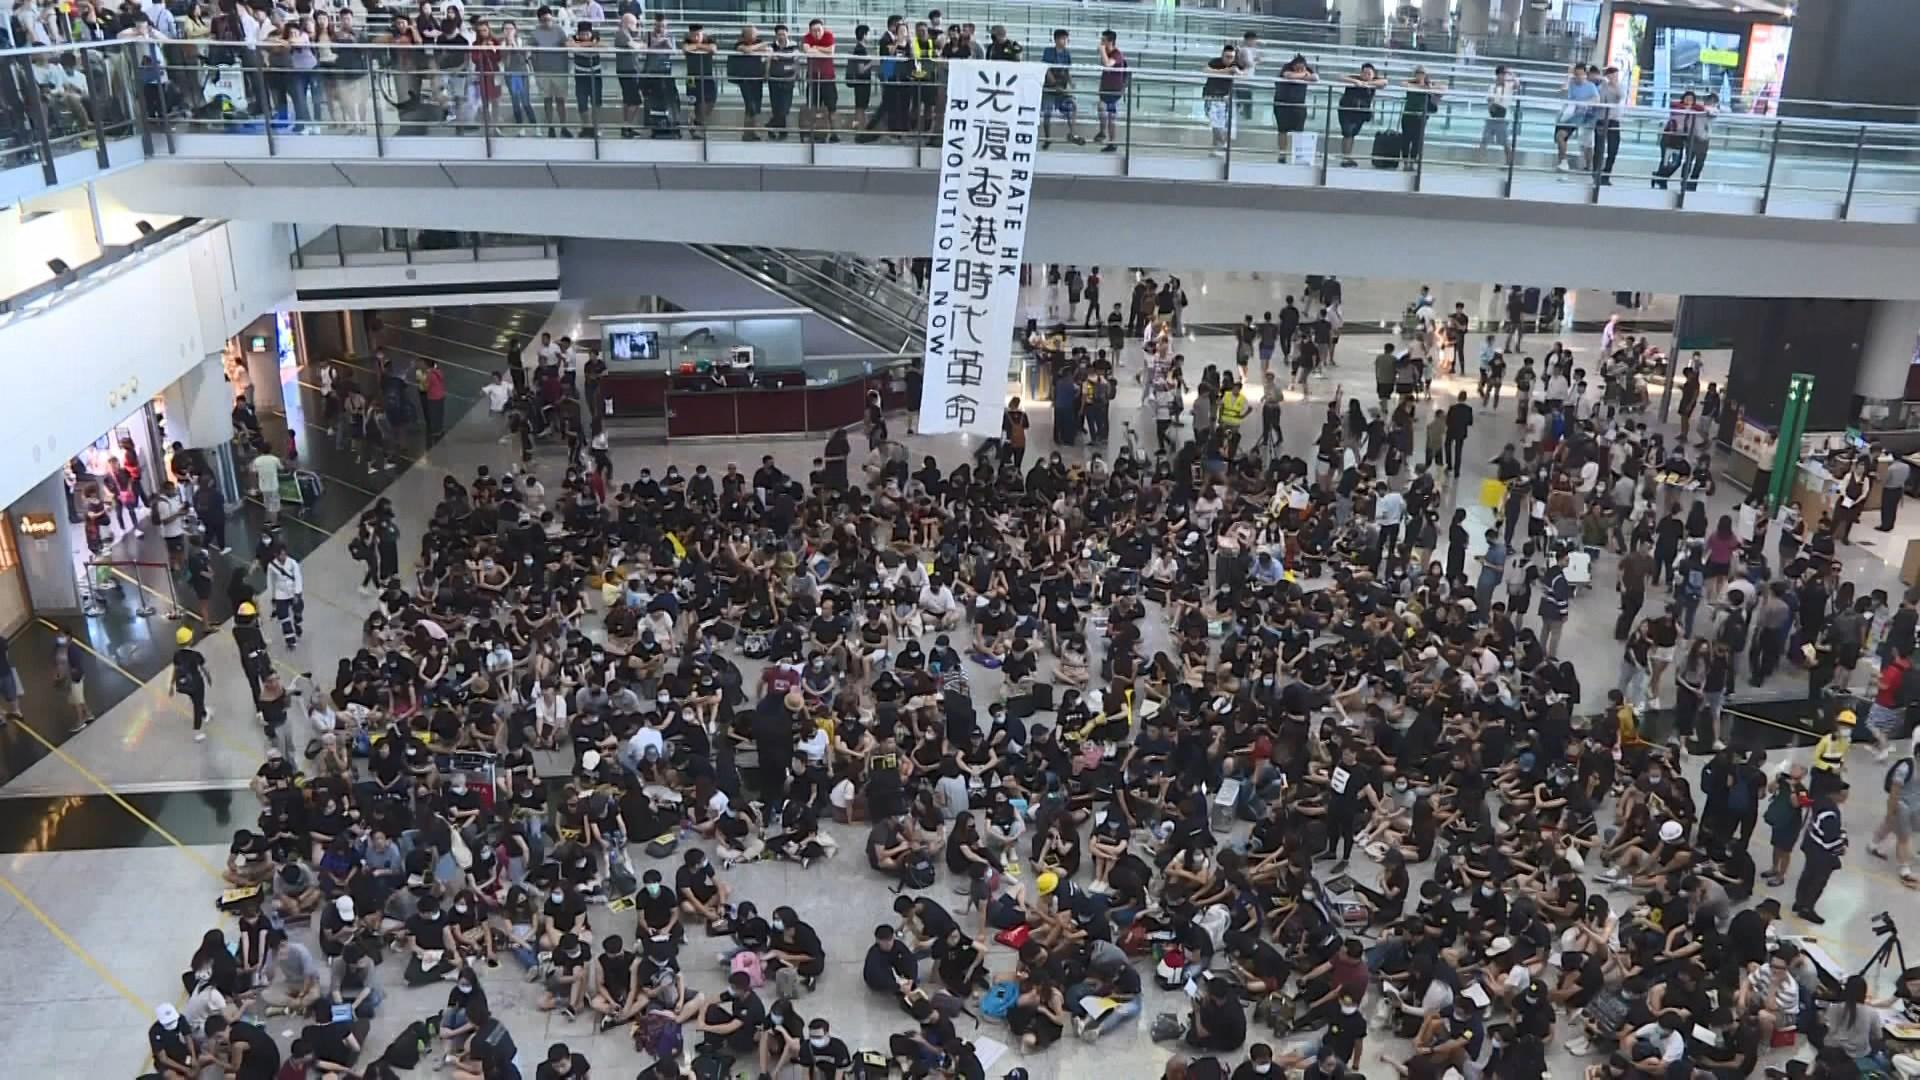 機場反修例集會 約千人坐滿兩邊接機大堂